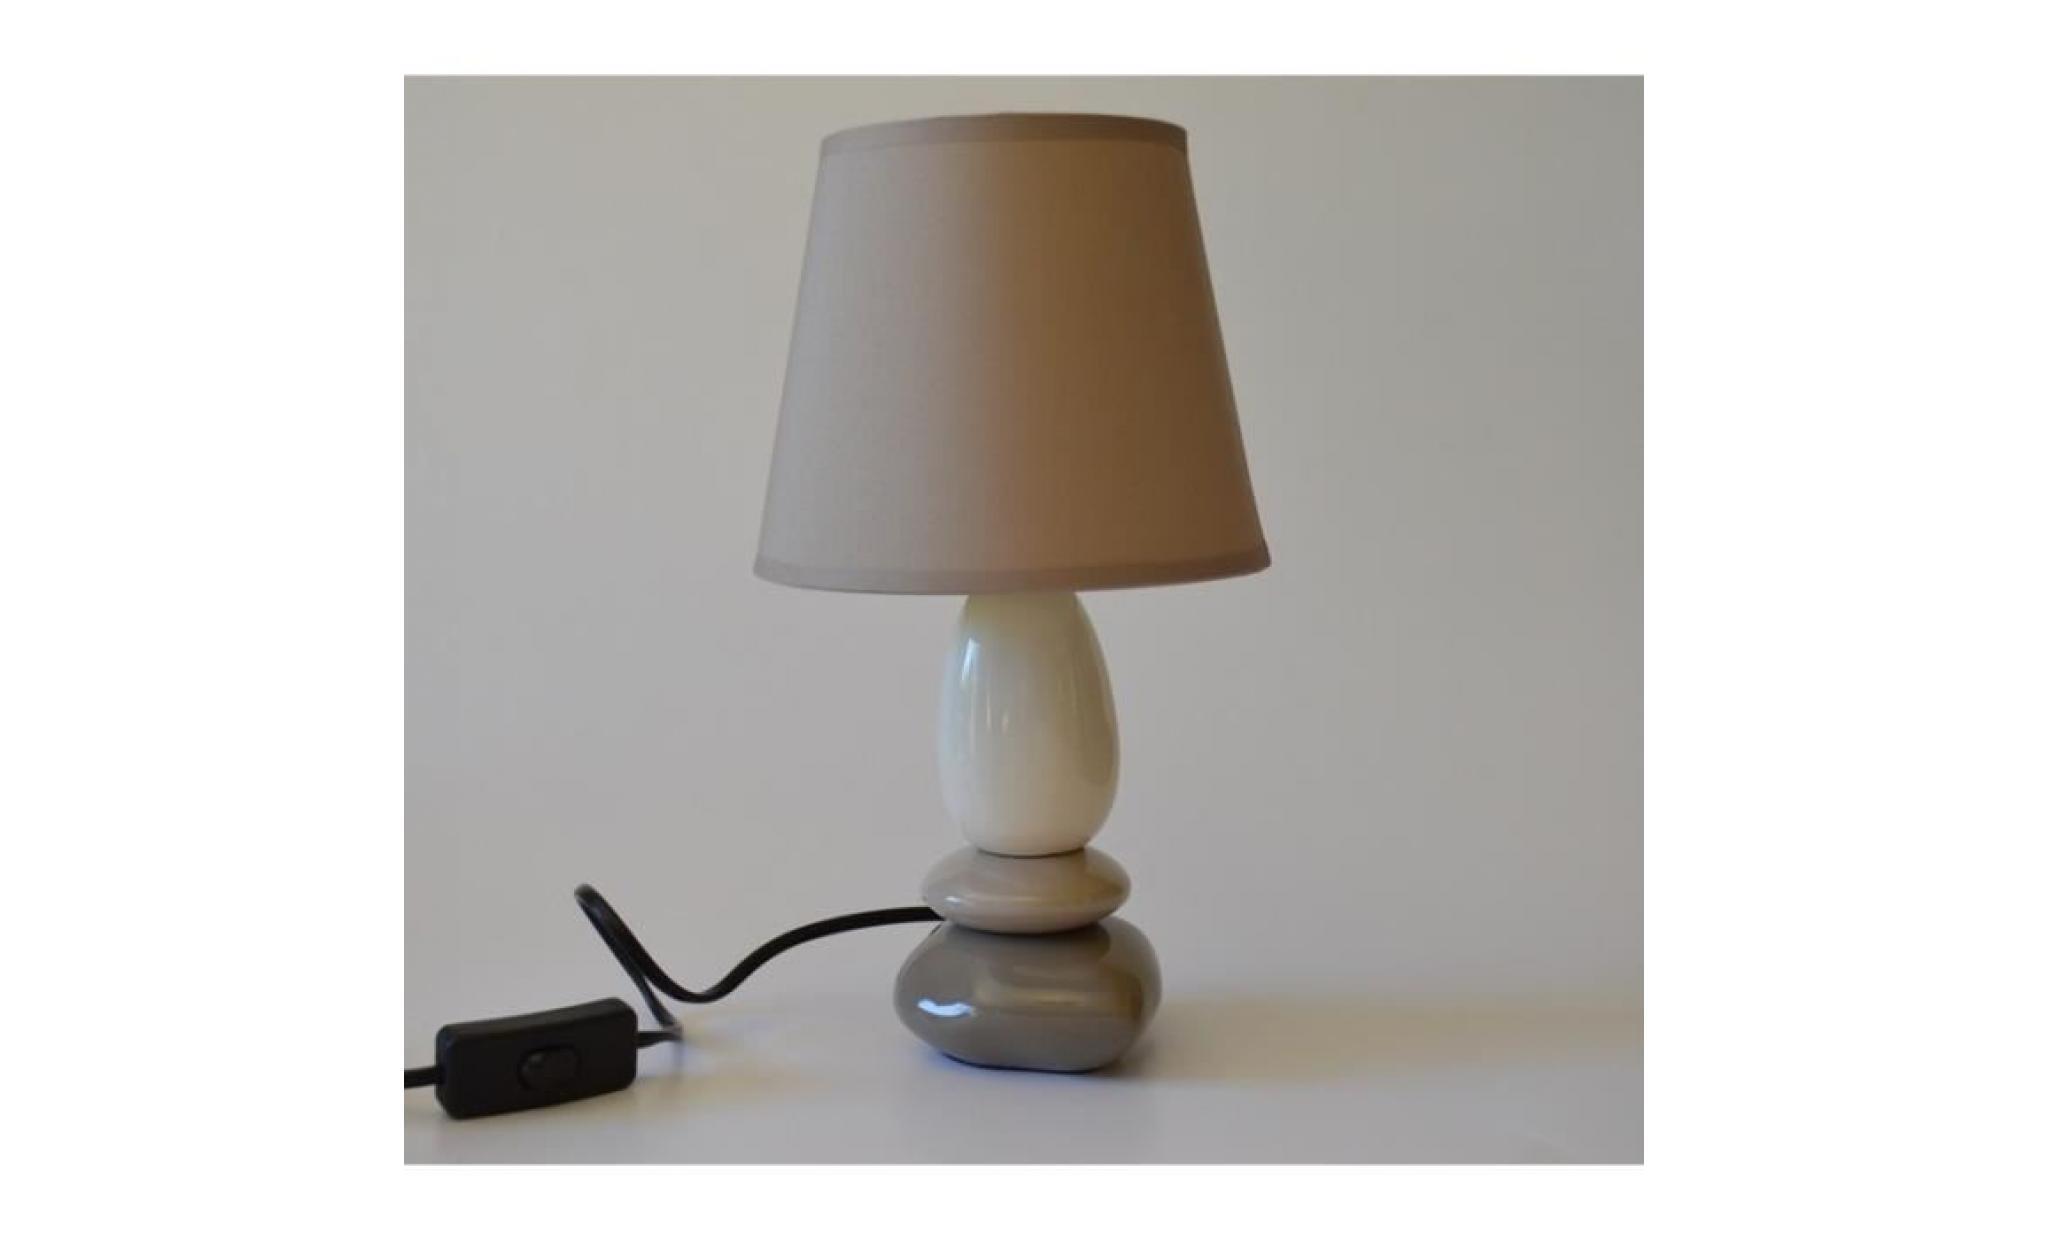 Lampe Marron De Chevet 3 BeigeTaupe Et Galets ZukPiOX